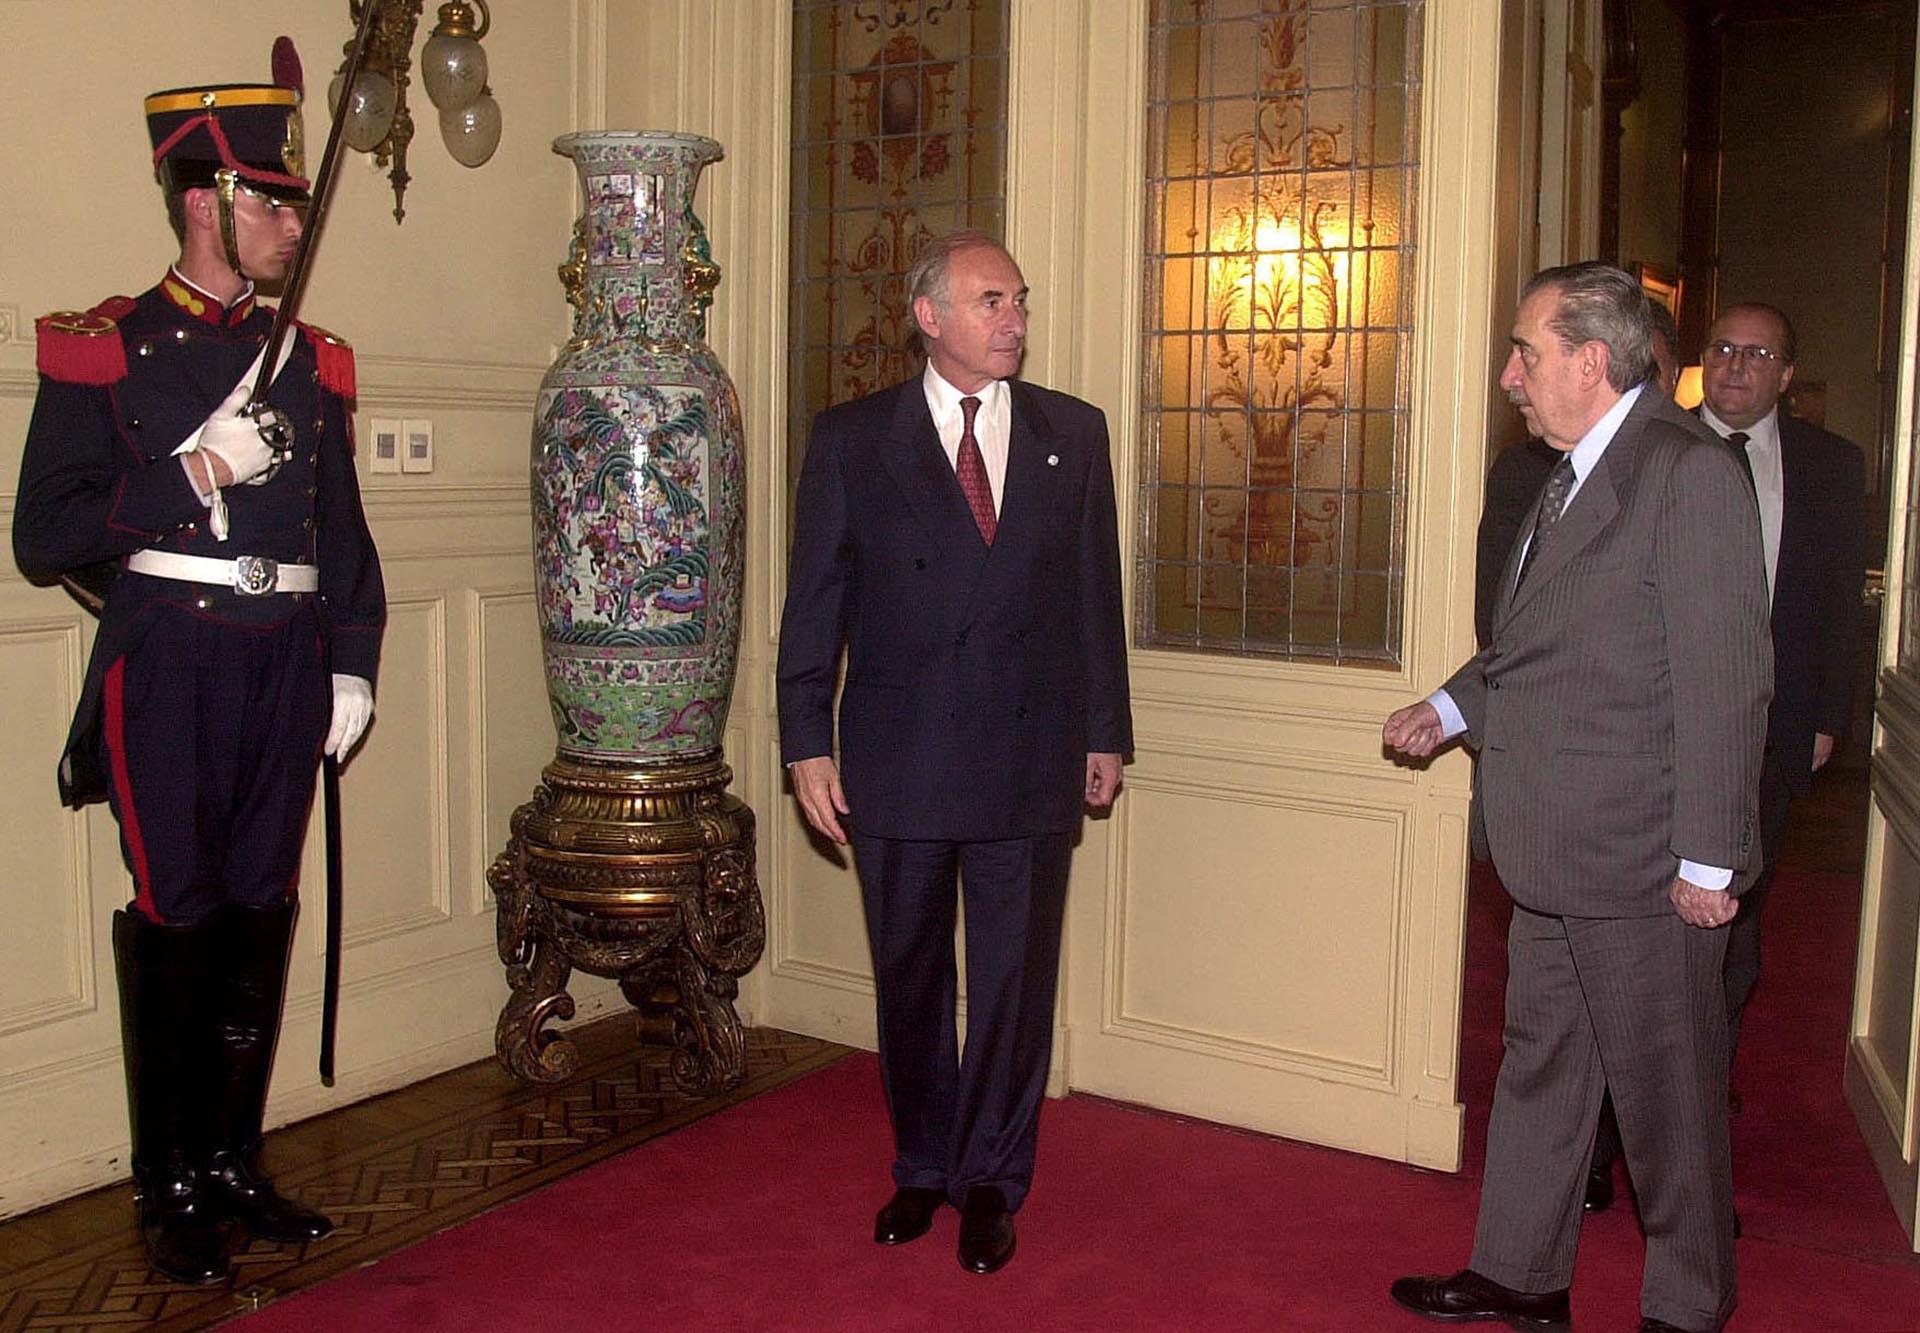 El presidente Fernando de la Rua y Alfonsín